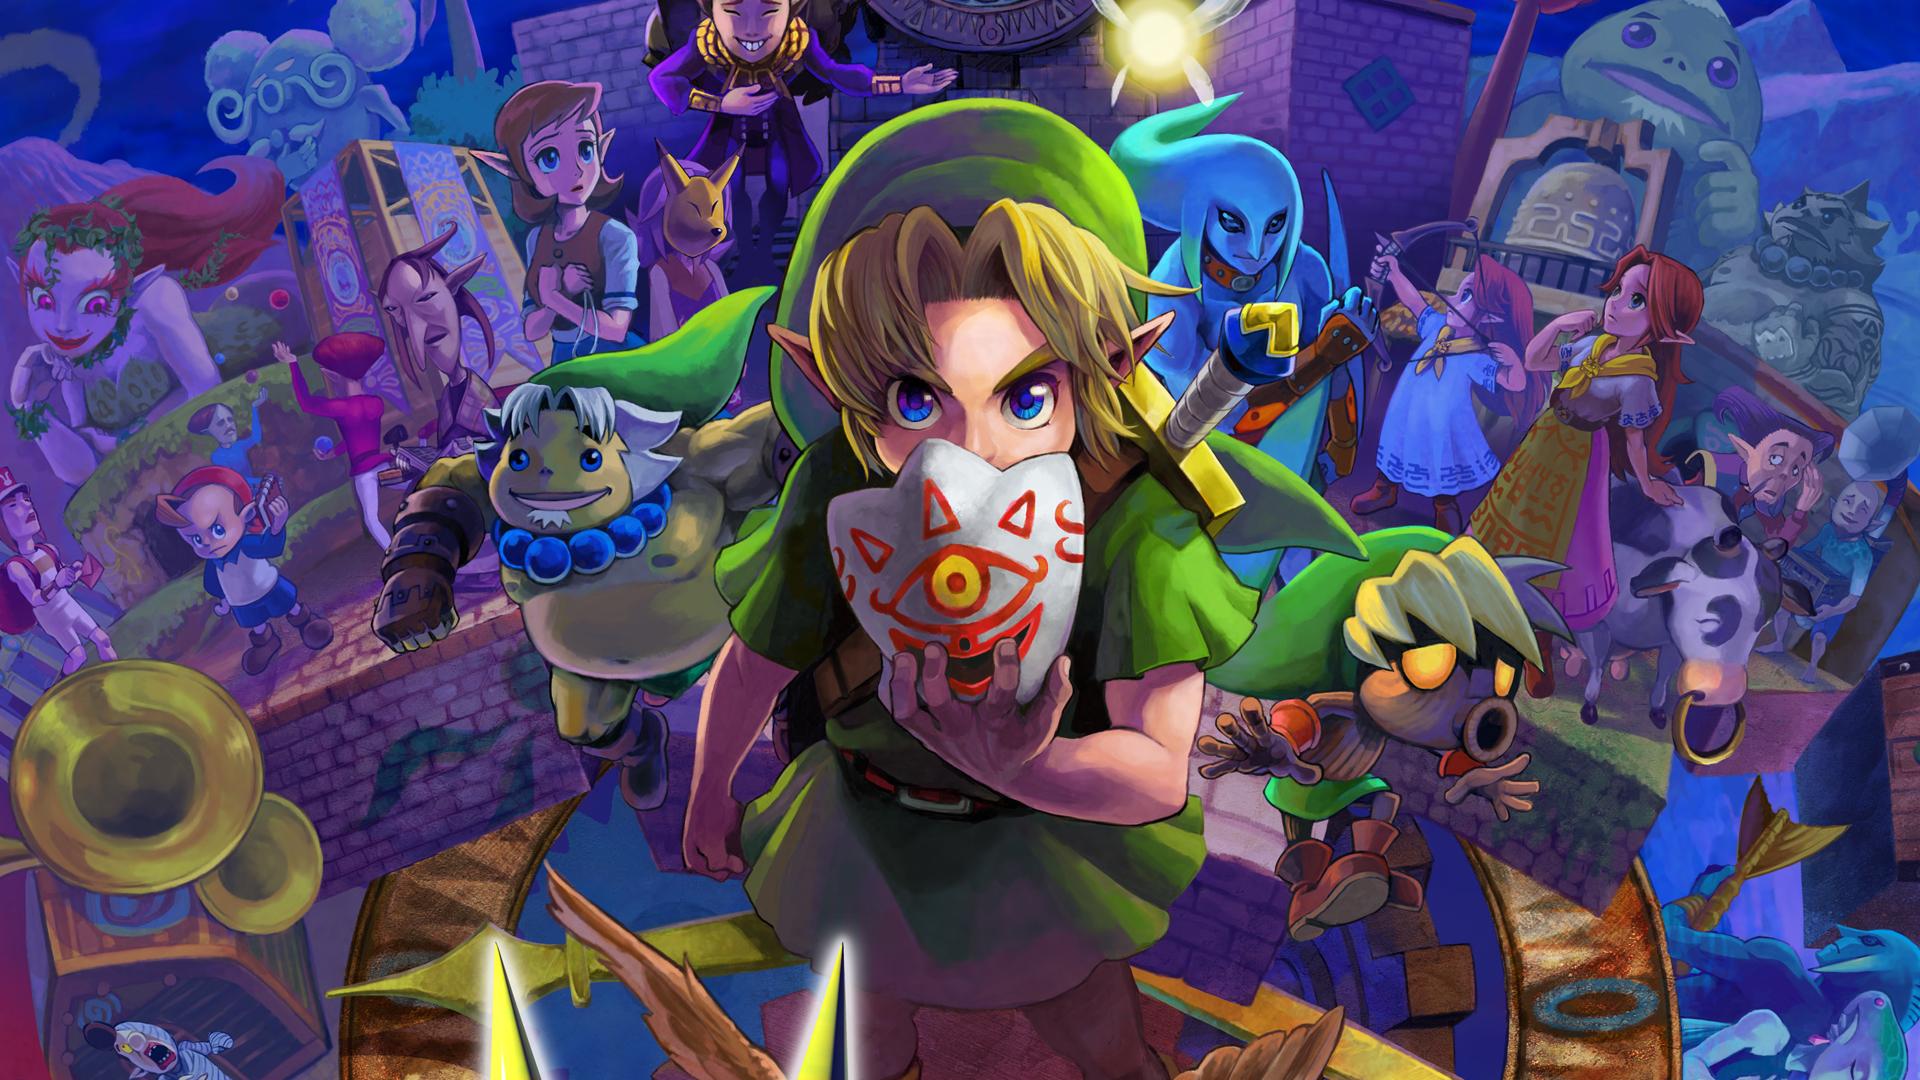 La edición especial de The Legend of Zelda Majora's Mask 3D viene con una estatua de Skull Kid [Anuncios]